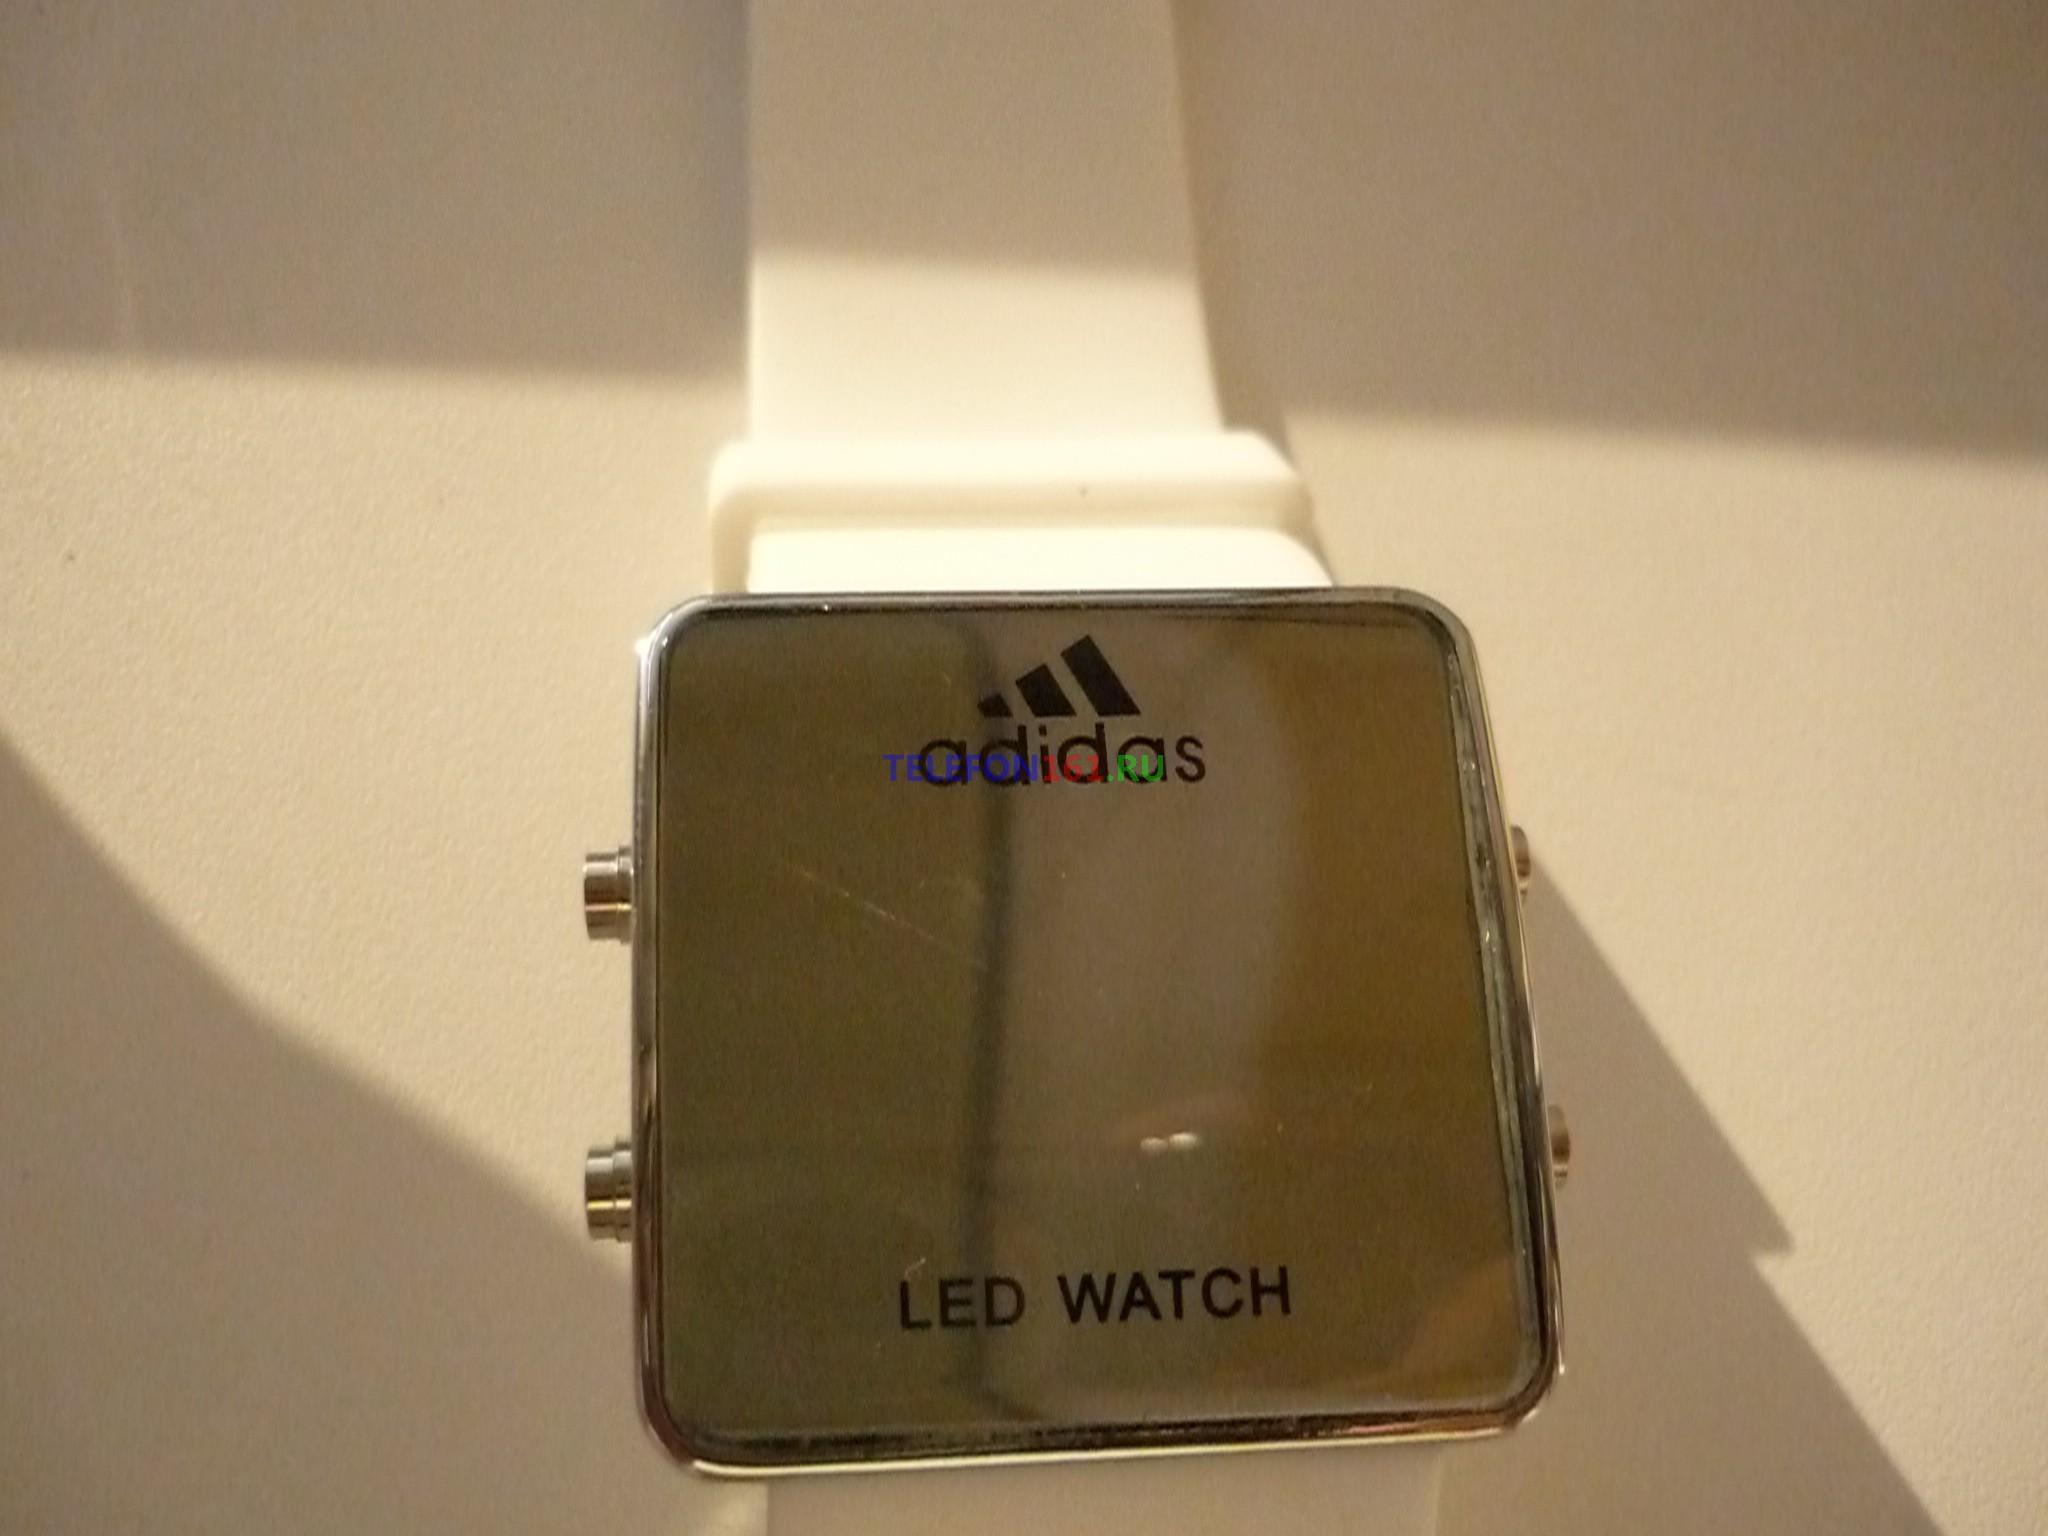 часы Adidas LED Часы светодиодные с подсветкой (белый+металлик)